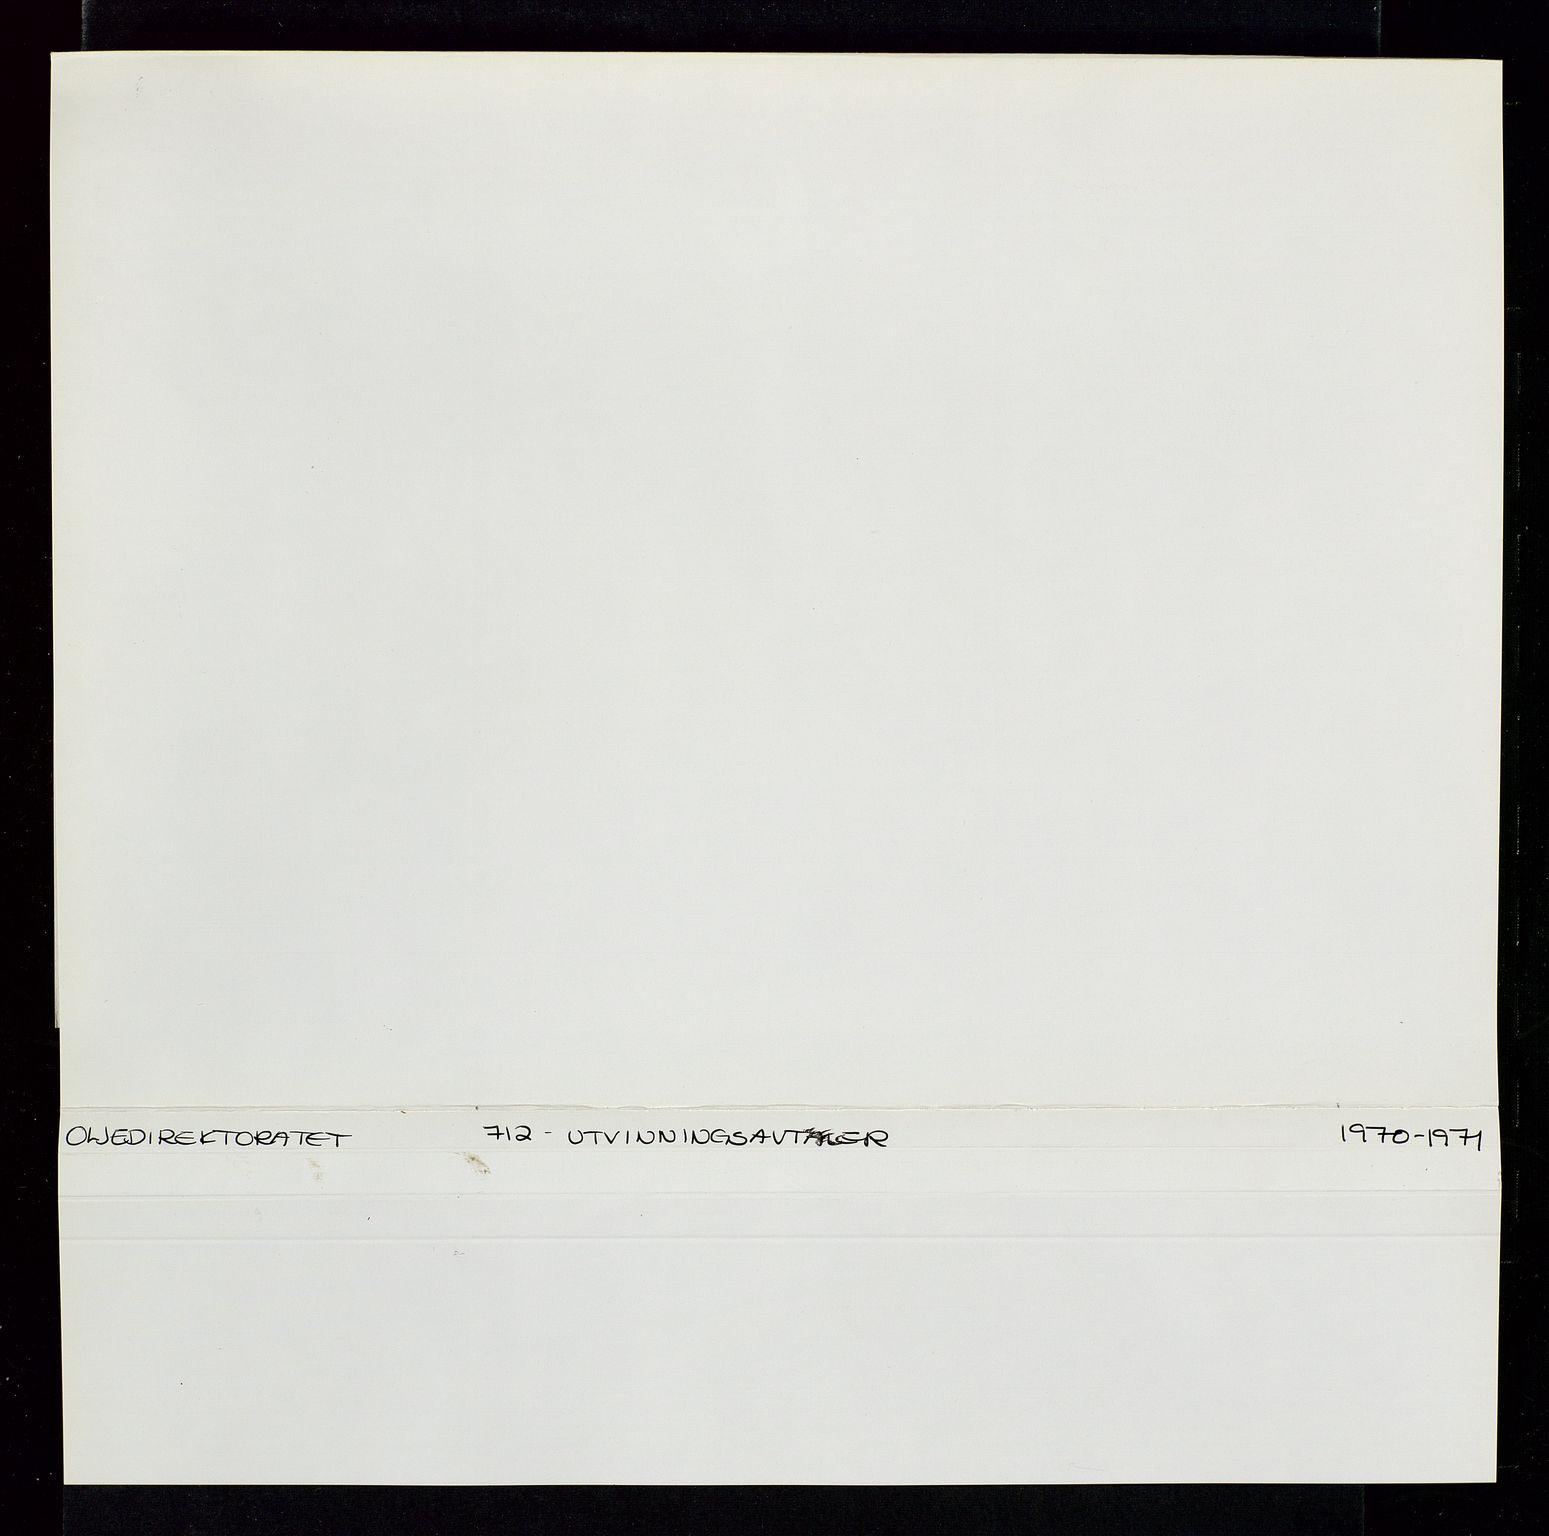 SAST, Industridepartementet, Oljekontoret, Da/L0004: Arkivnøkkel 711 - 712 Utvinningstillatelser, 1970-1971, s. 349